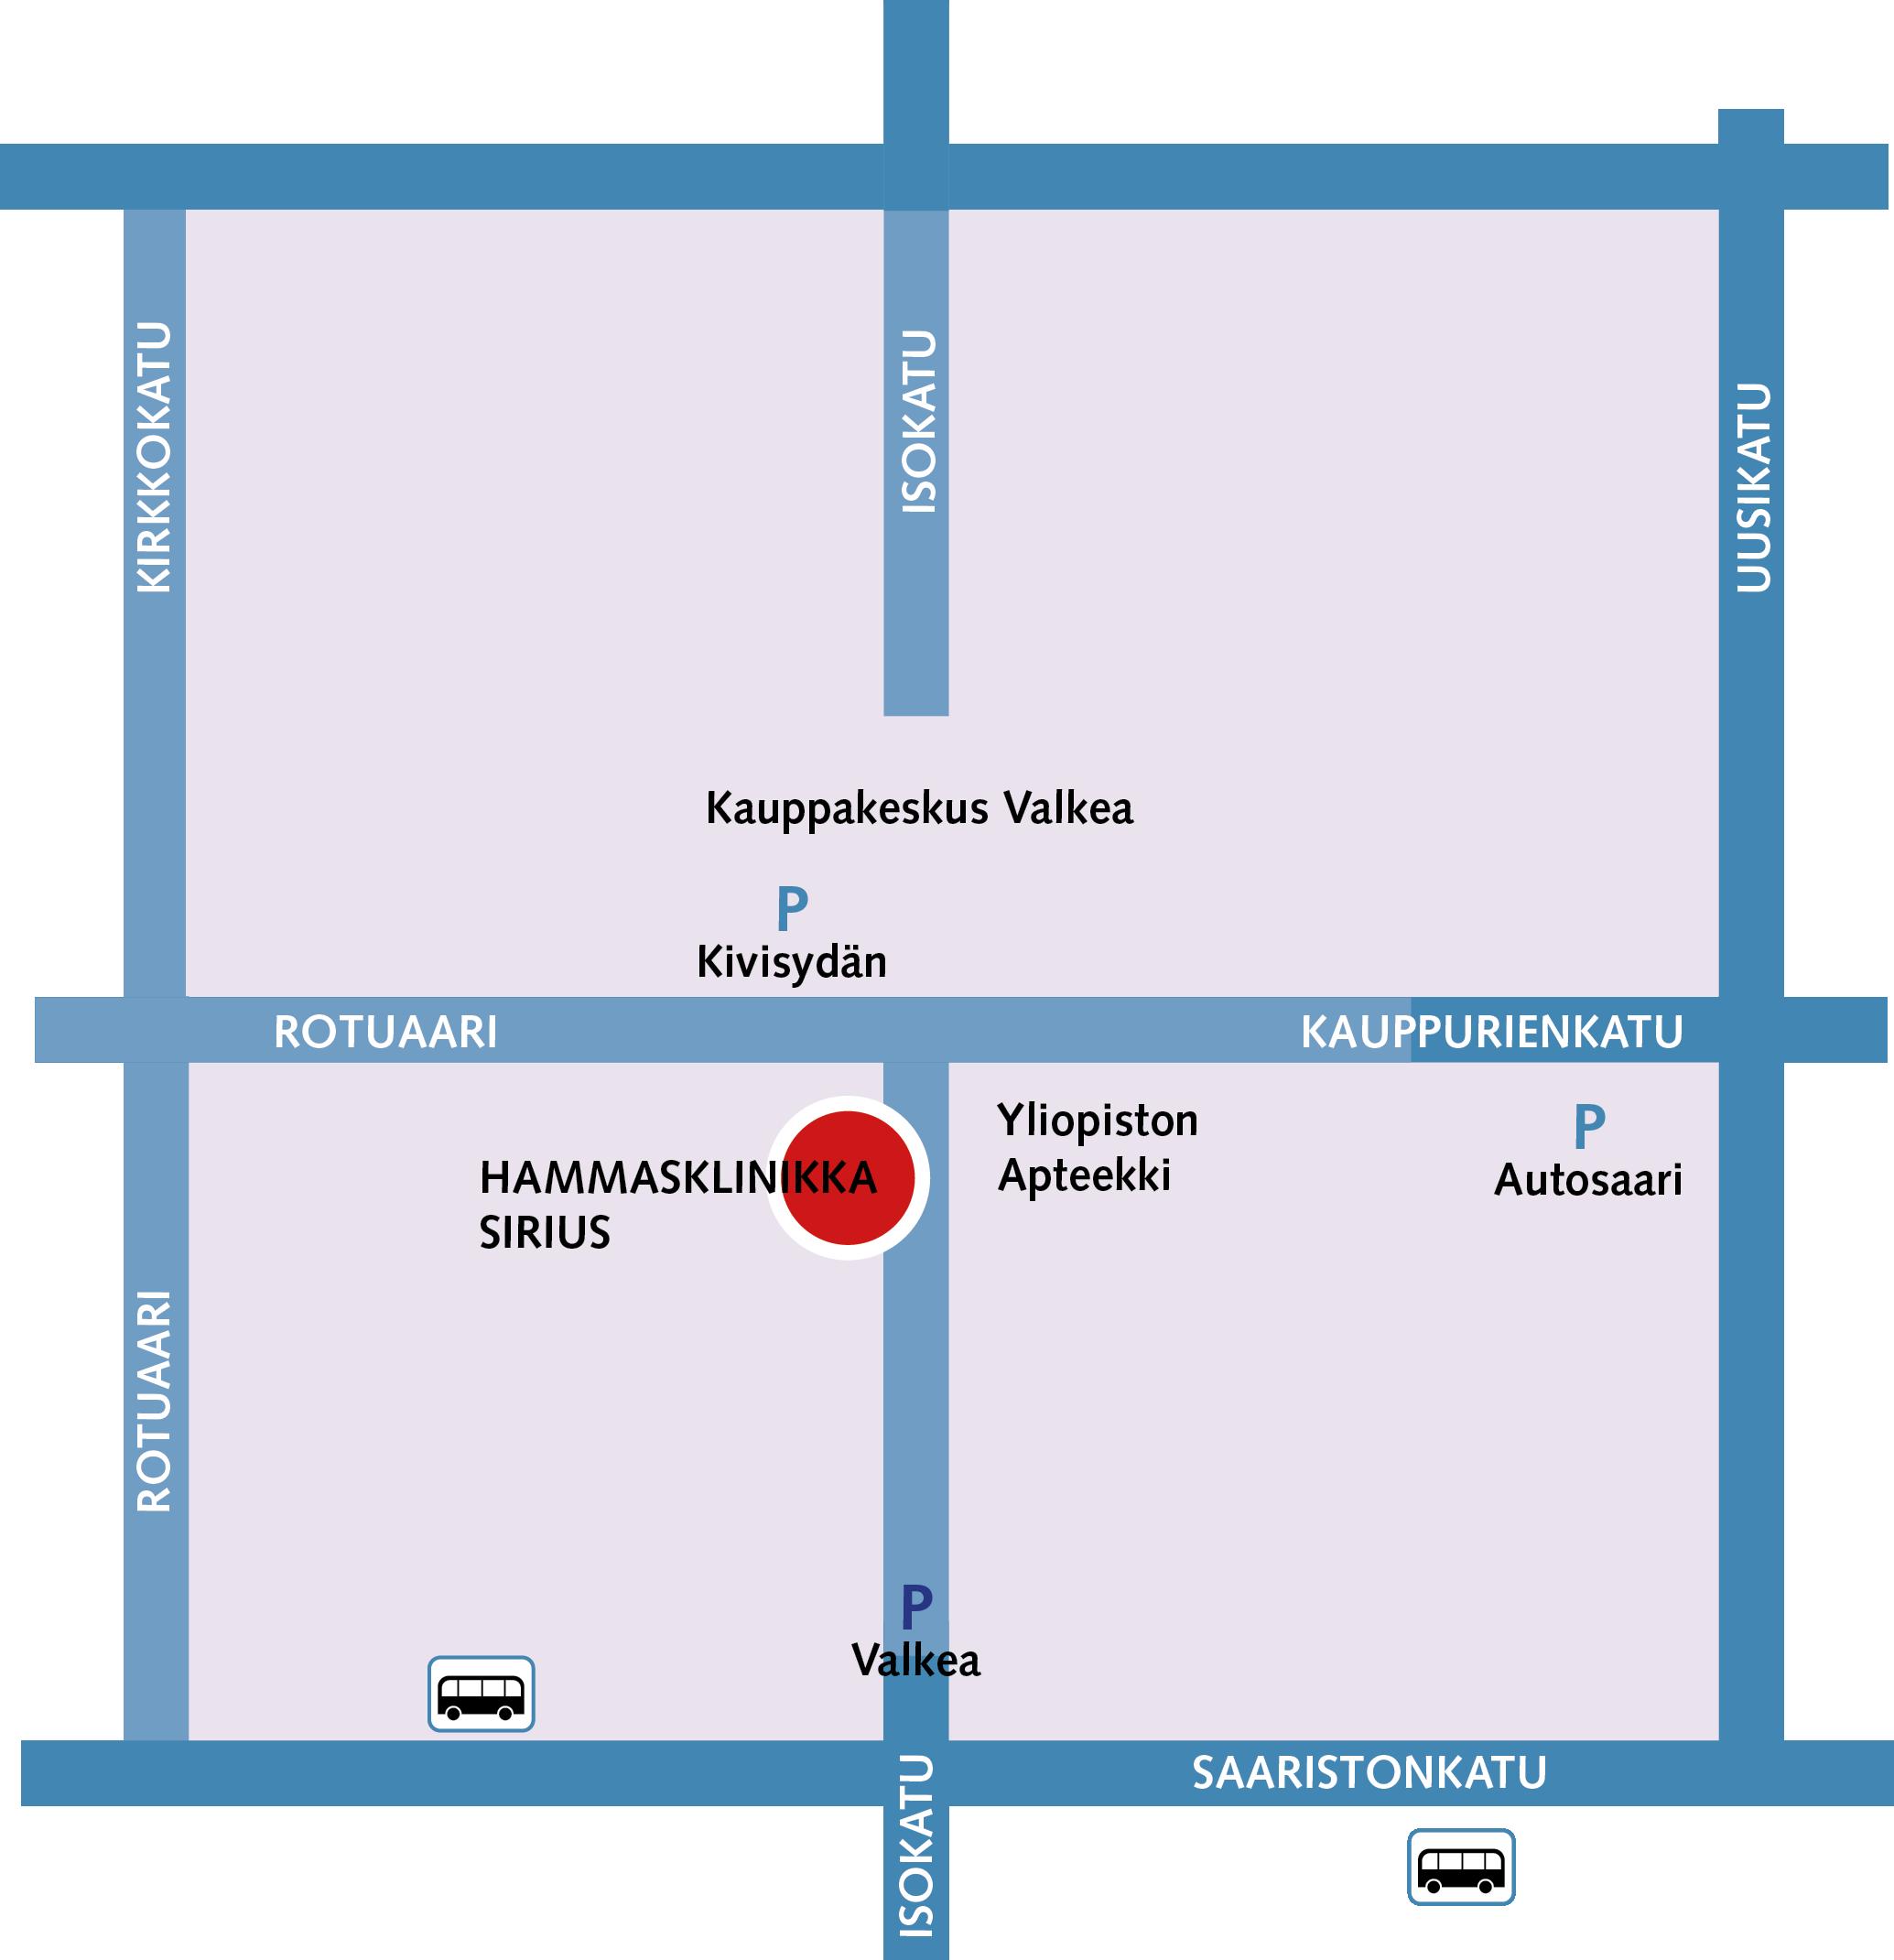 Hammasklinikka Sirius Oulu kartta